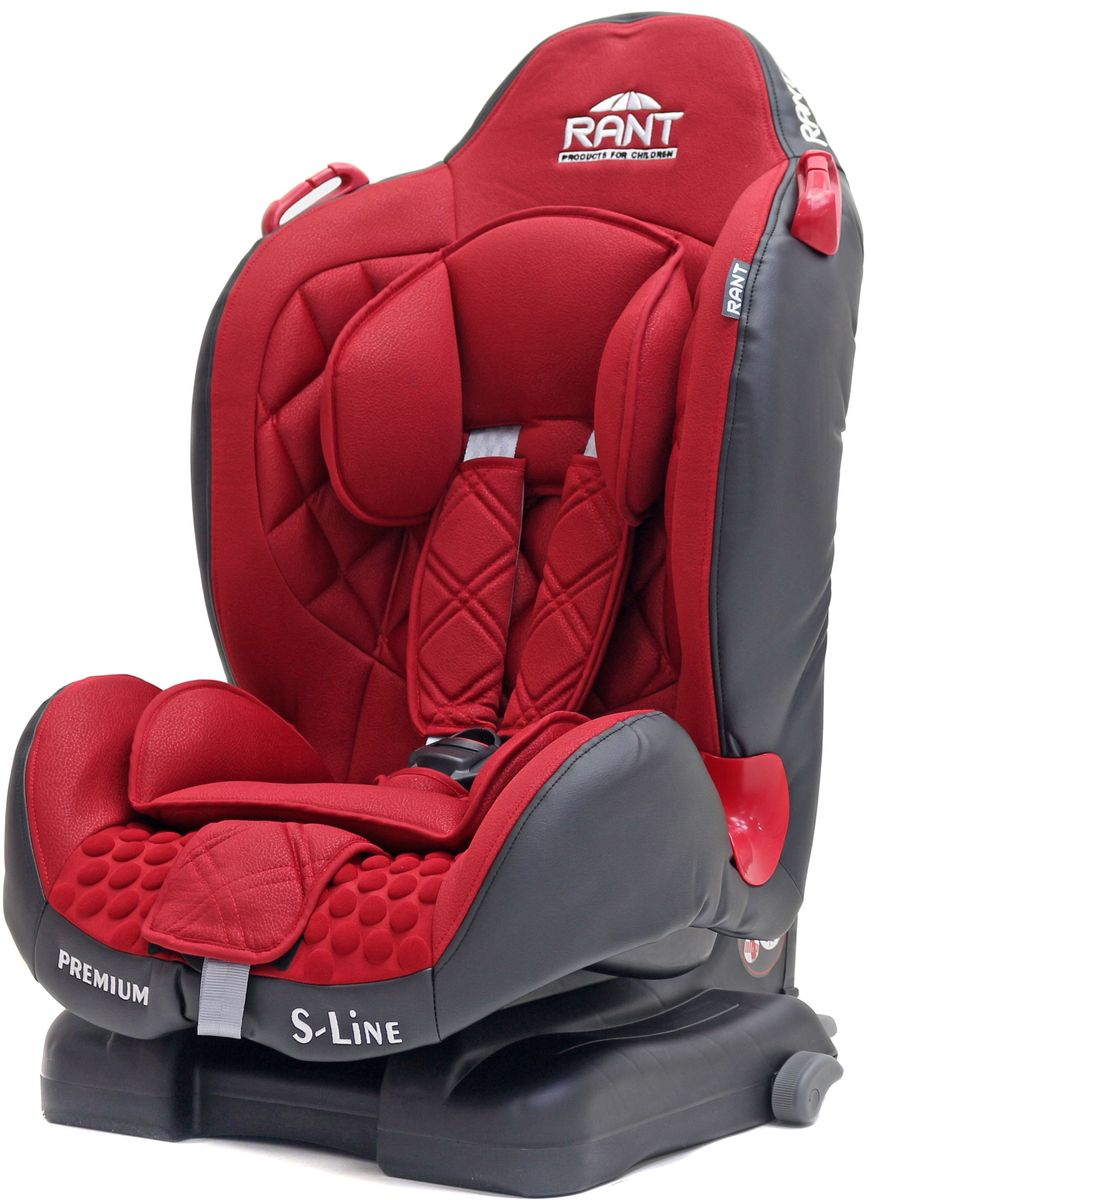 Rant Автокресло Premium Isofix цвет красный от 9 до 25 кг автокресло rant cowboy isofix 9 36 кг purple